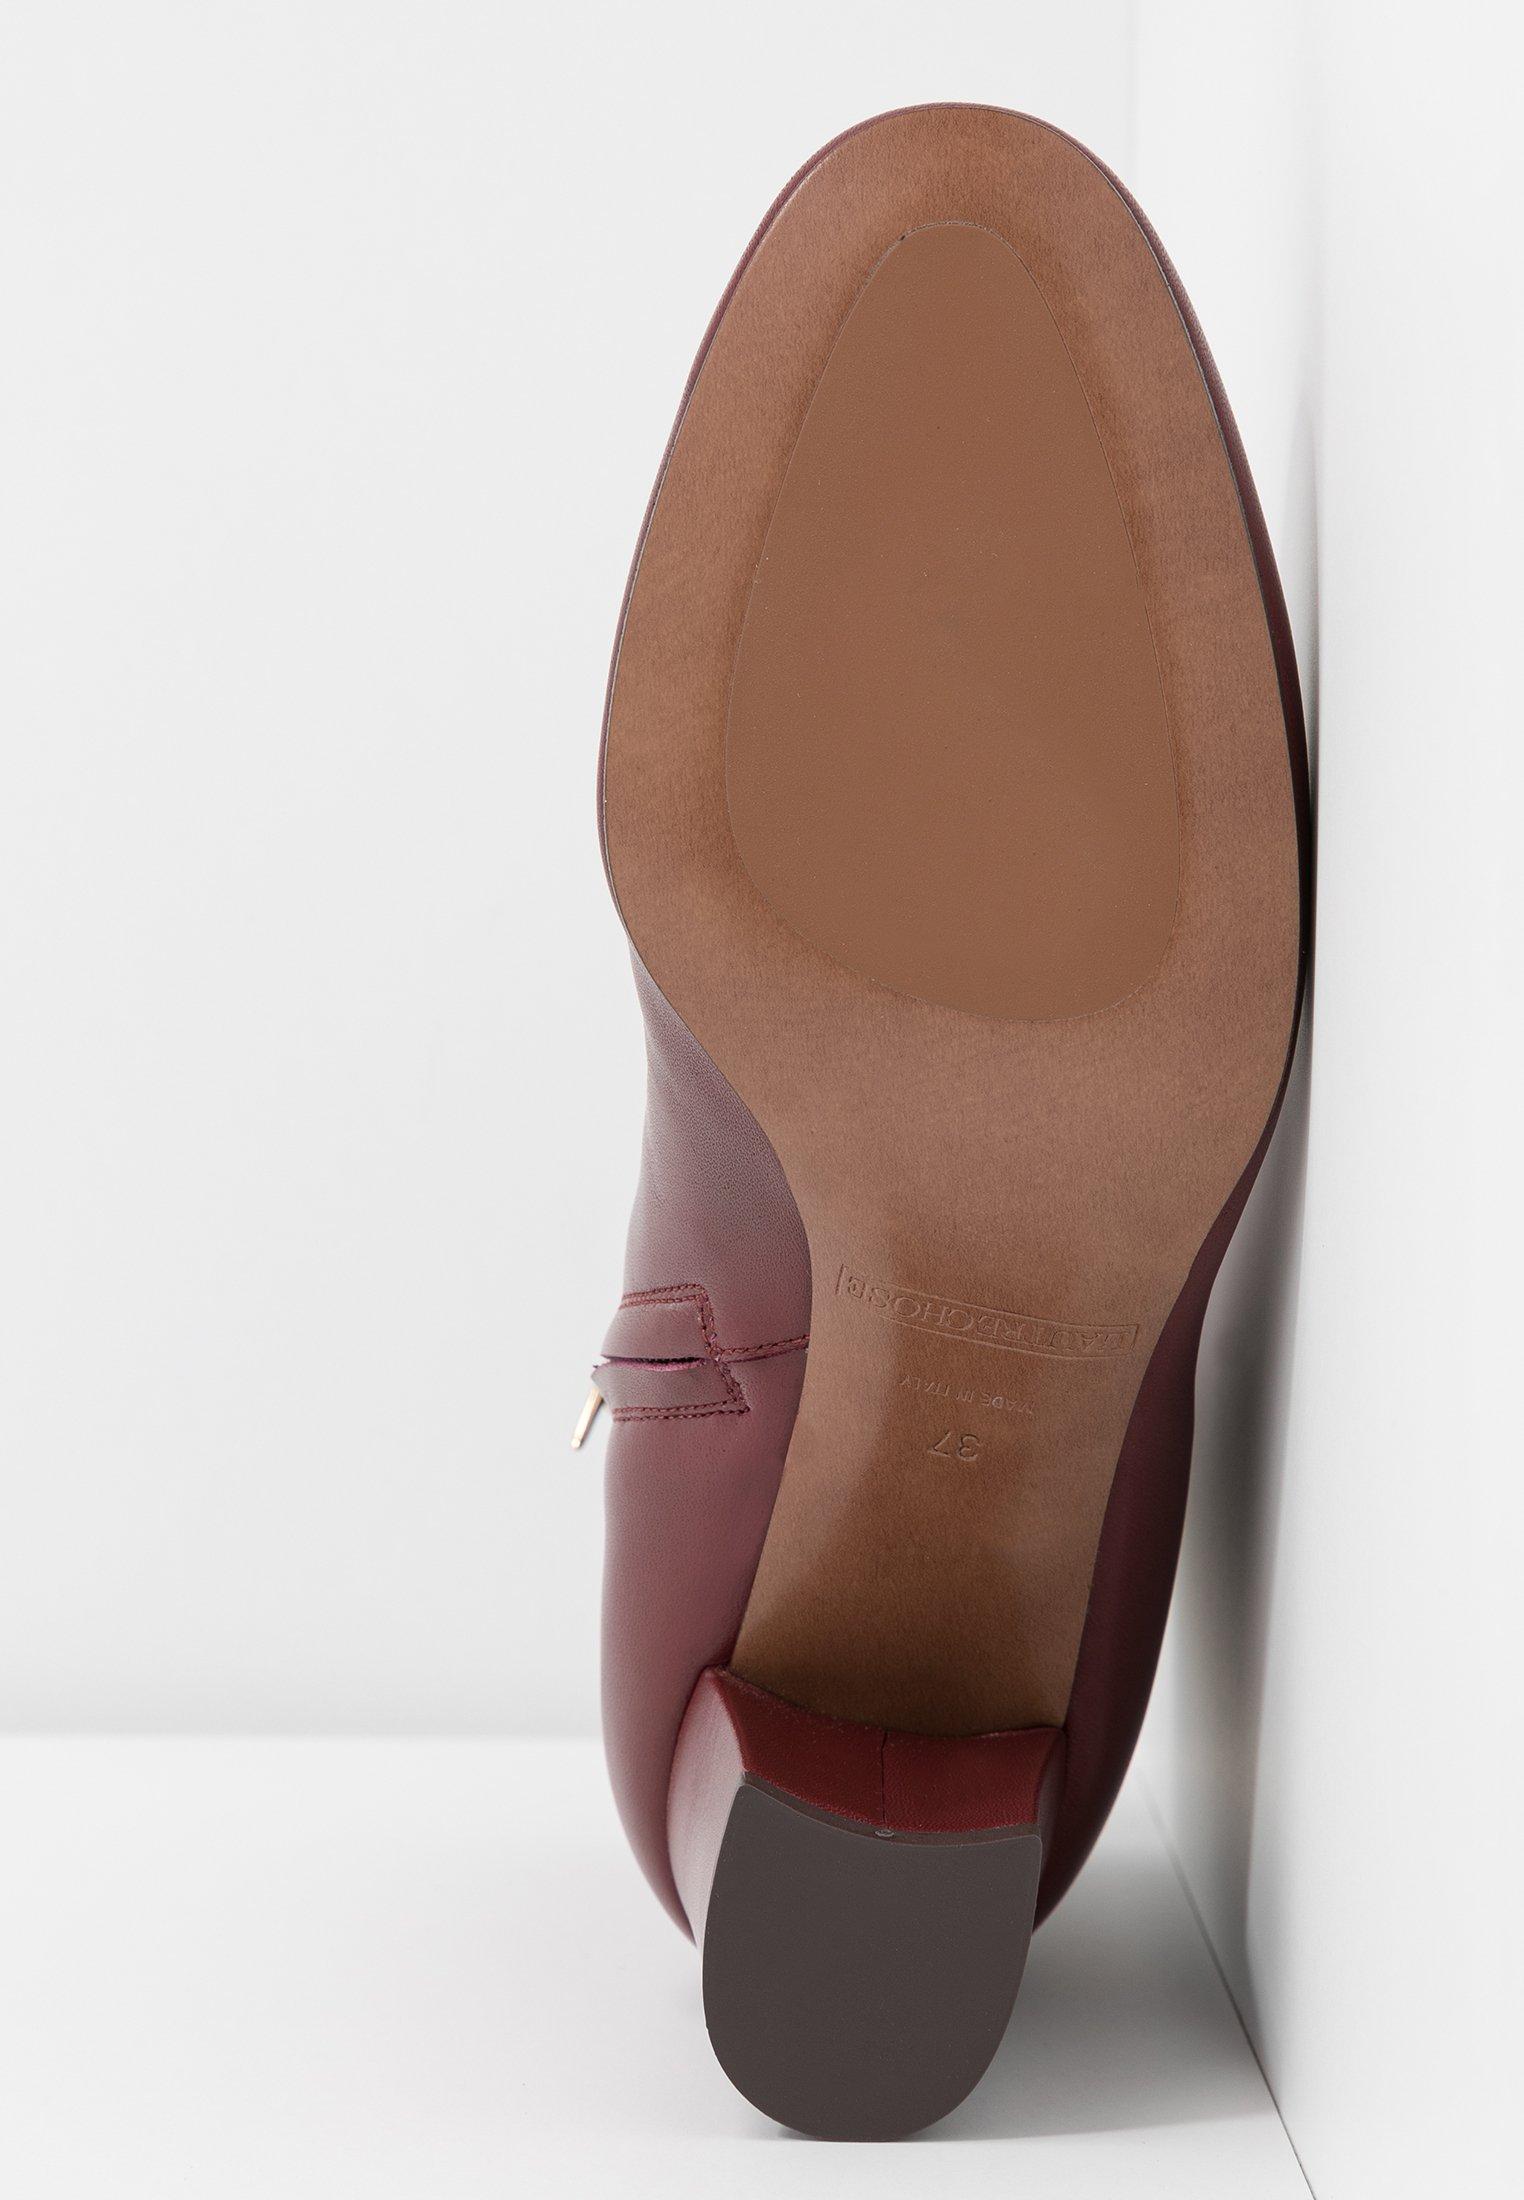 Chose burgundy burgundy Bottines L'Autre burgundy L'Autre Chose L'Autre Chose Bottines Bottines L'Autre rtQhxsdC